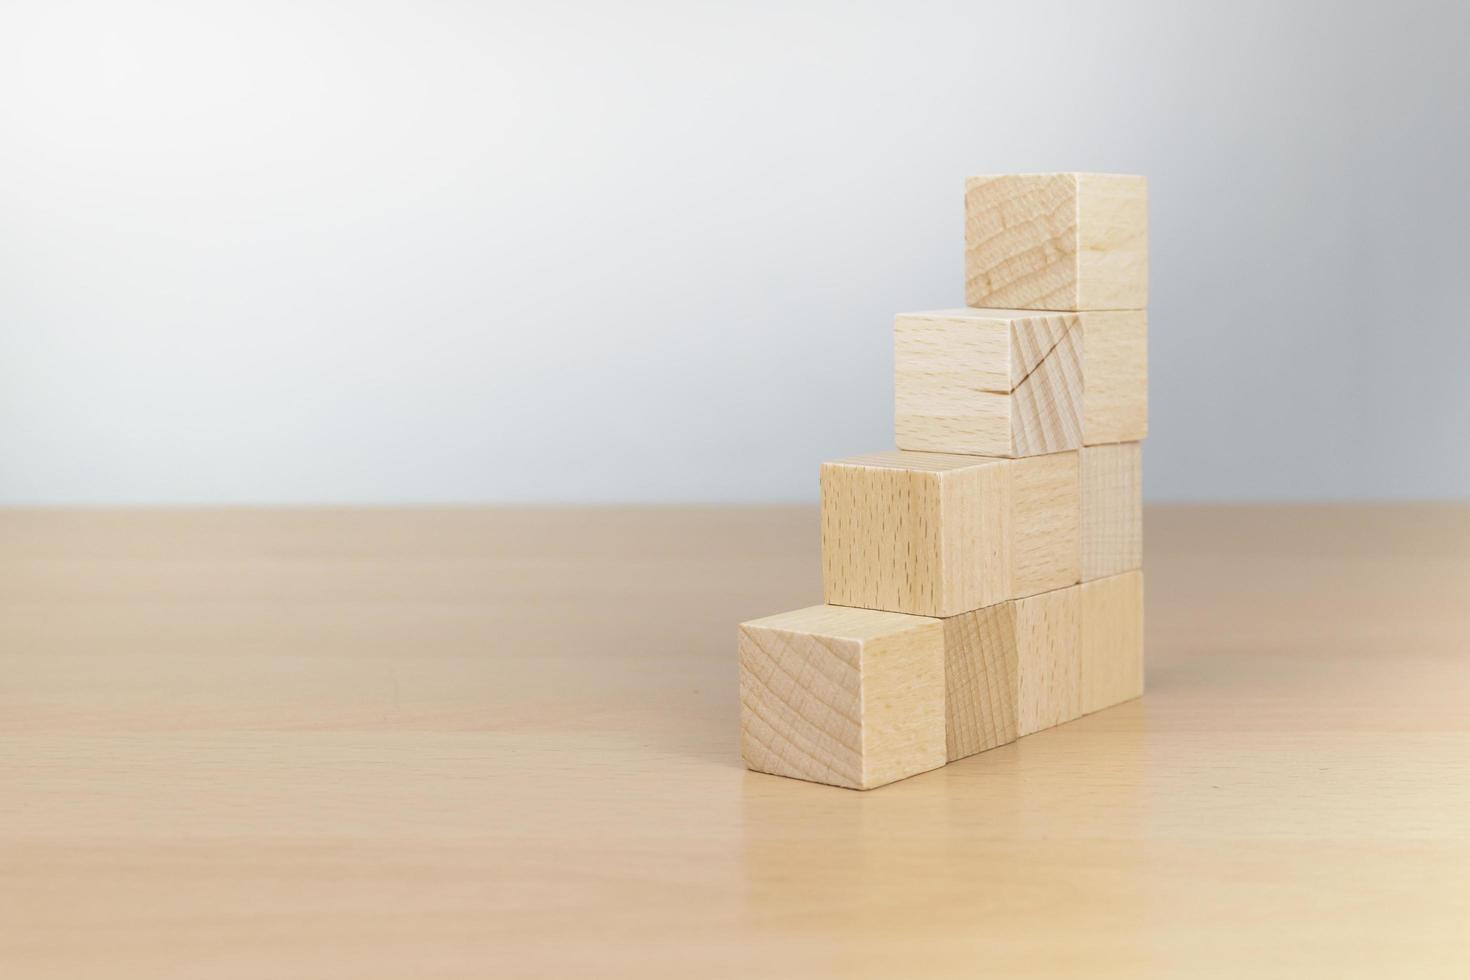 hand ordna träblockstapling som trappsteg på träbord foto